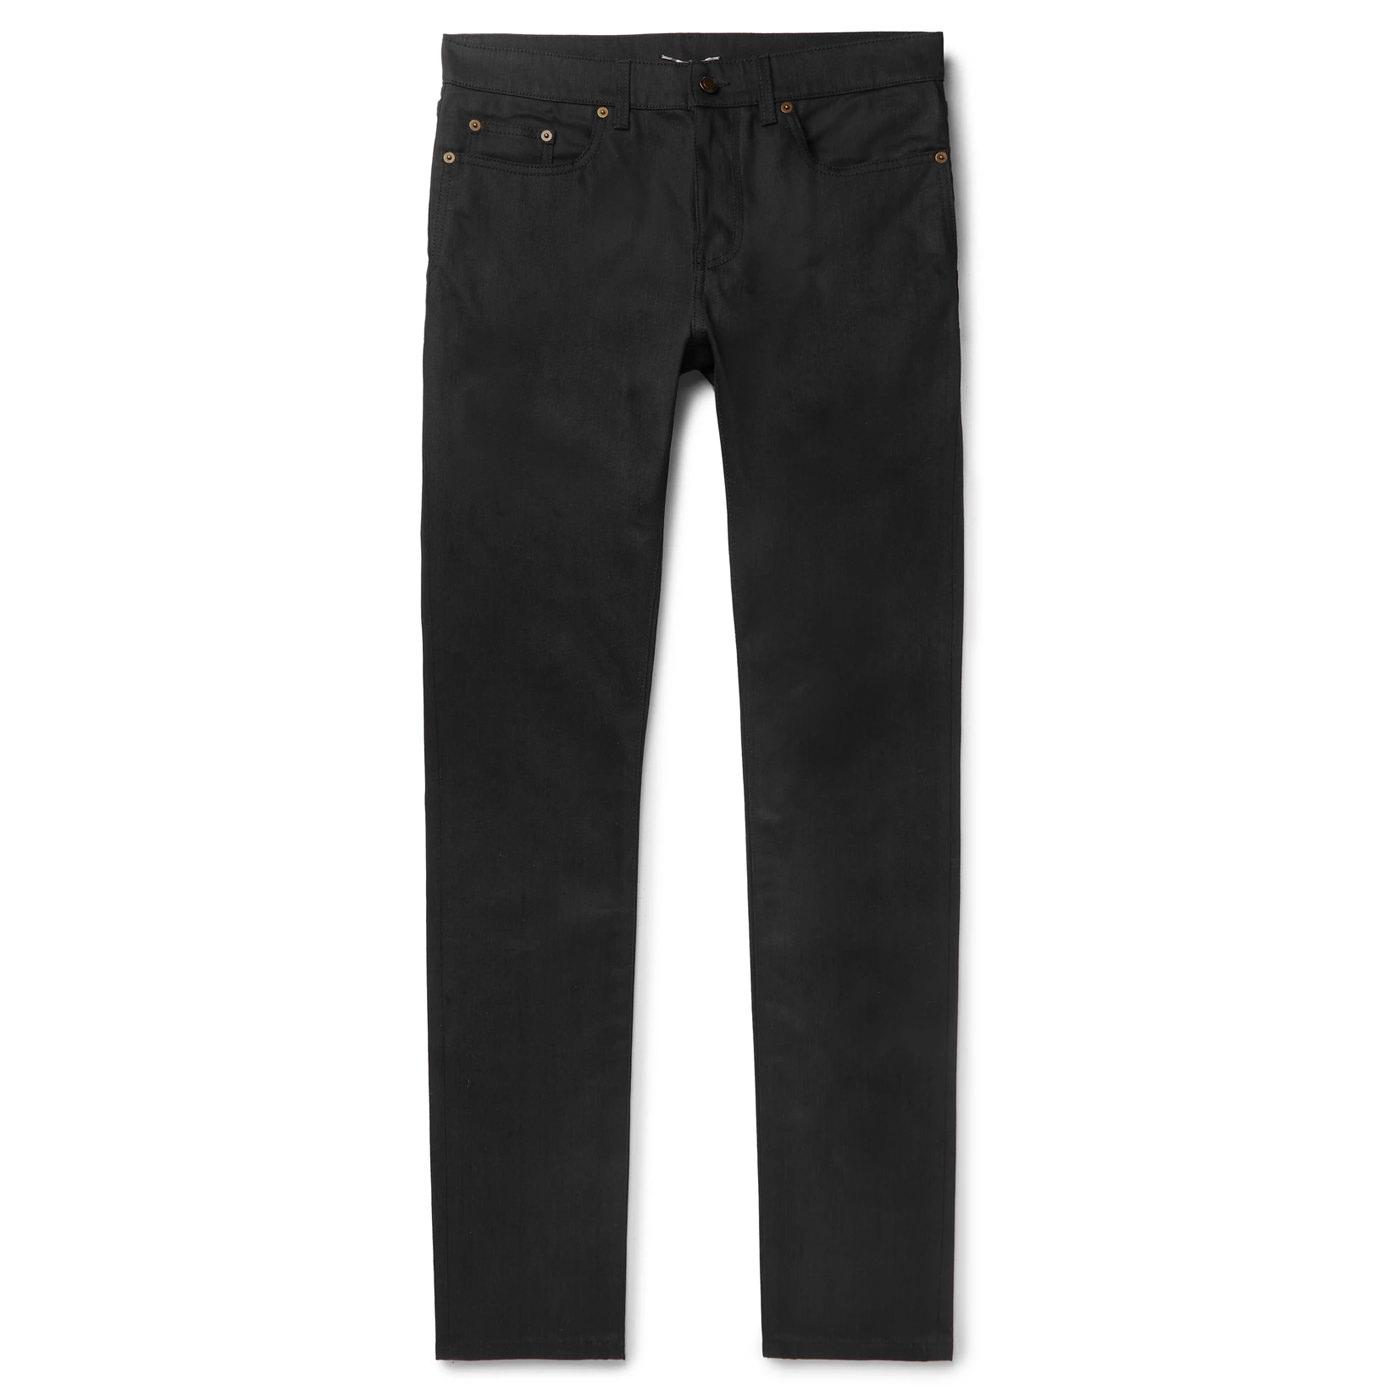 Style Mr Porter Jean Denim Noir Saint Laurent